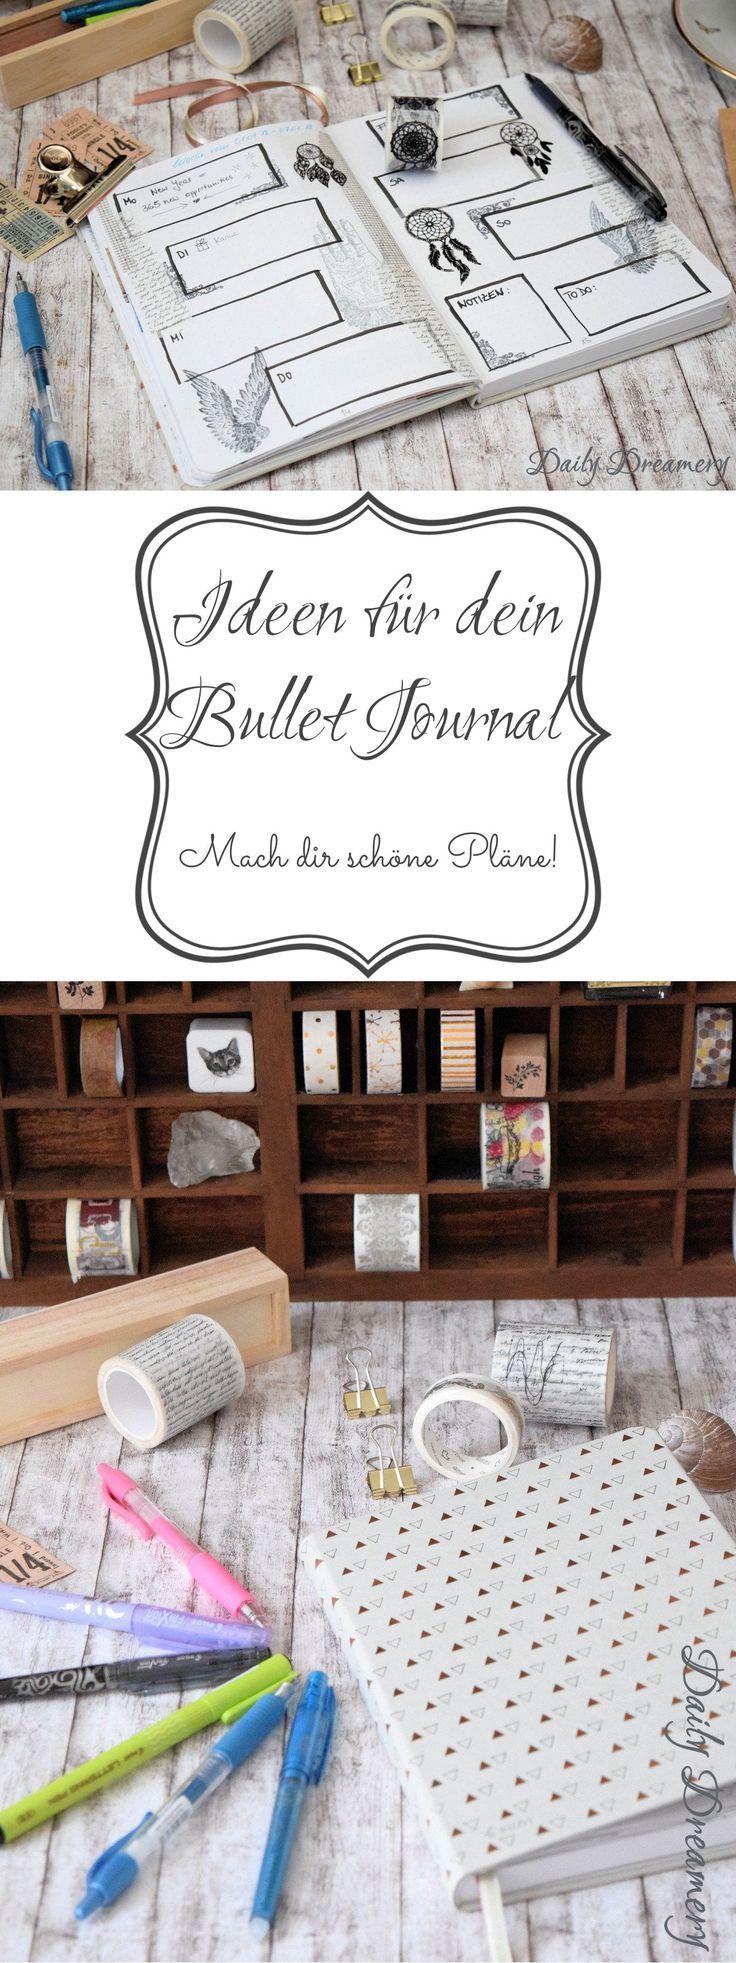 Ideen für dein Bullet Journal – mach dir schöne Pläne! [Anzeige]